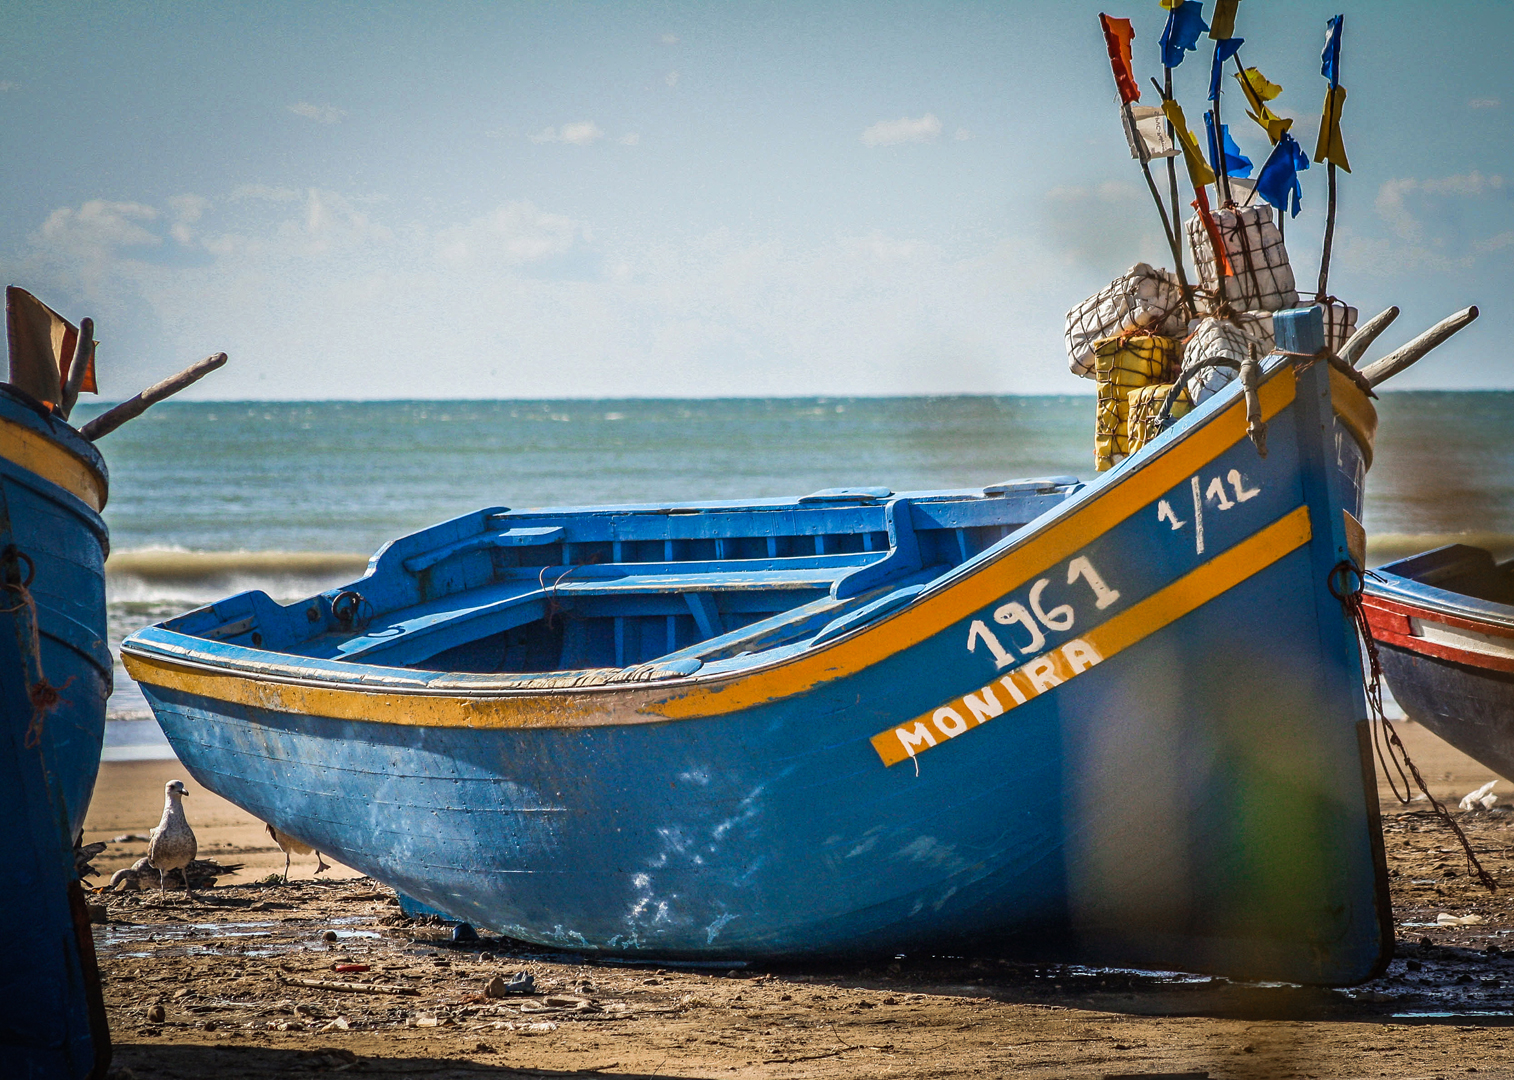 Taghazout - Marokko - Reizen met kinderen - vissersboot.jpg